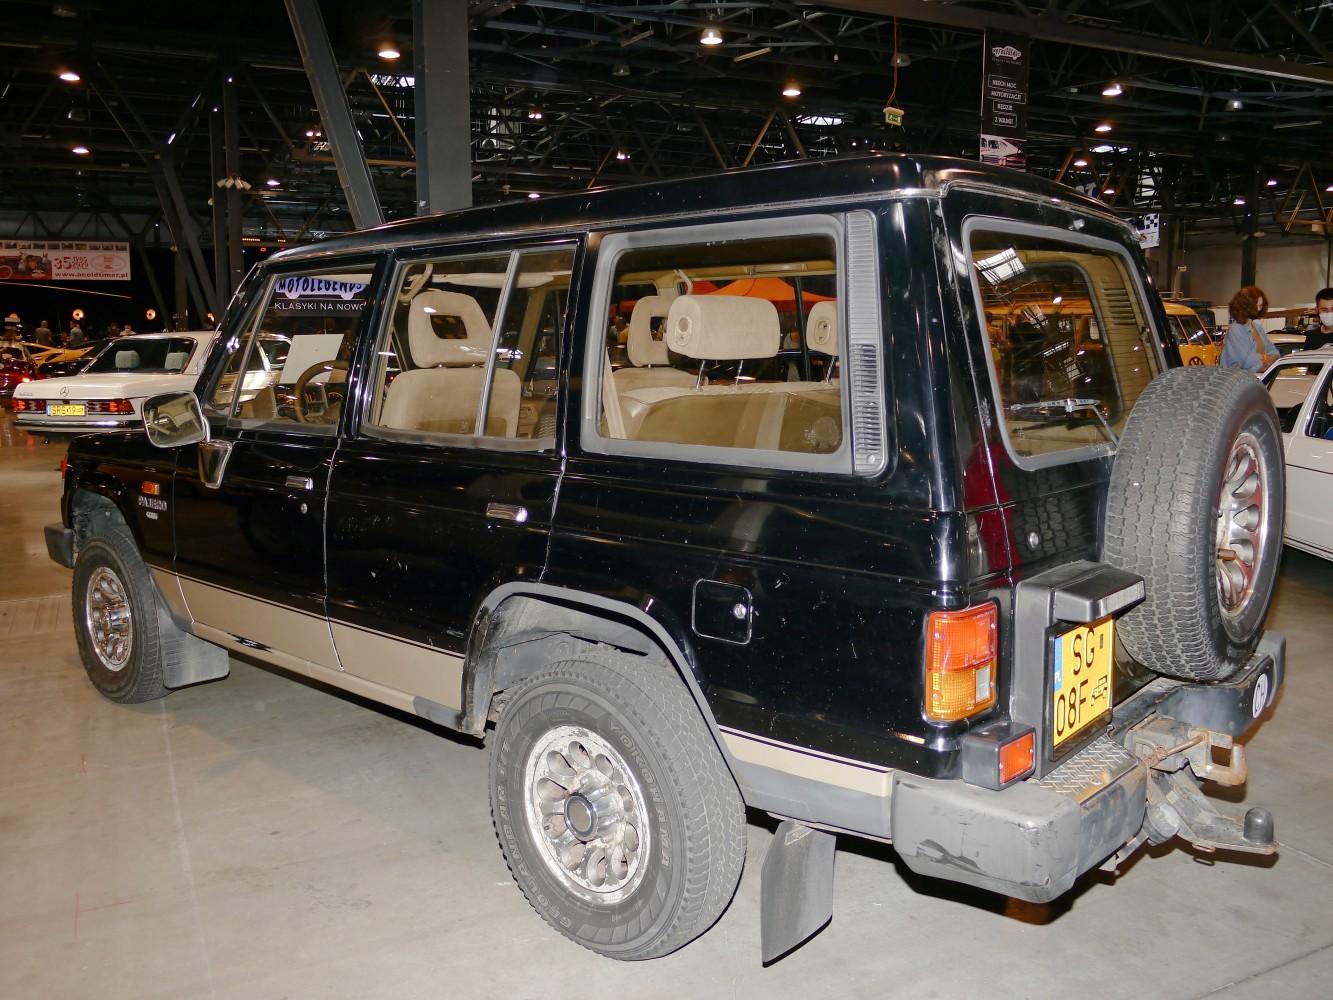 Kliknij obrazek, aby uzyskać większą wersję  Nazwa:Mitsubishi Pajero (2).jpg Wyświetleń:48 Rozmiar:346,0 KB ID:232730